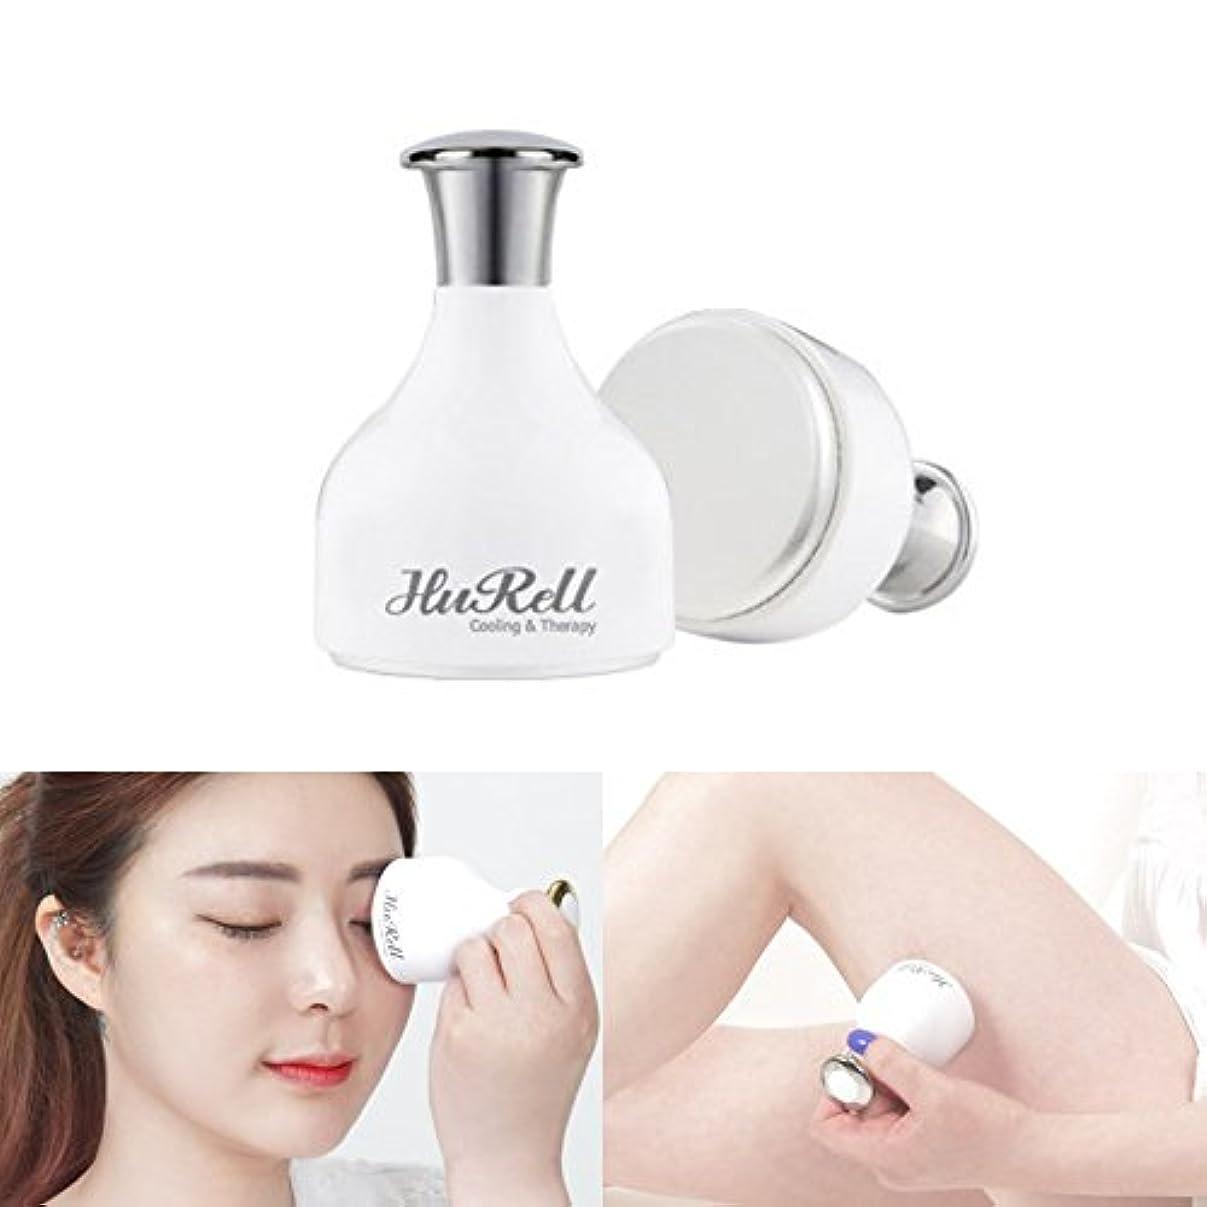 文明ニコチン一般的なHurell 氏顔面クーラー冷却療法ストーンマッサージ 皮膚の温度上昇を軽減,皮膚トラブルを和らげる筋肉痛